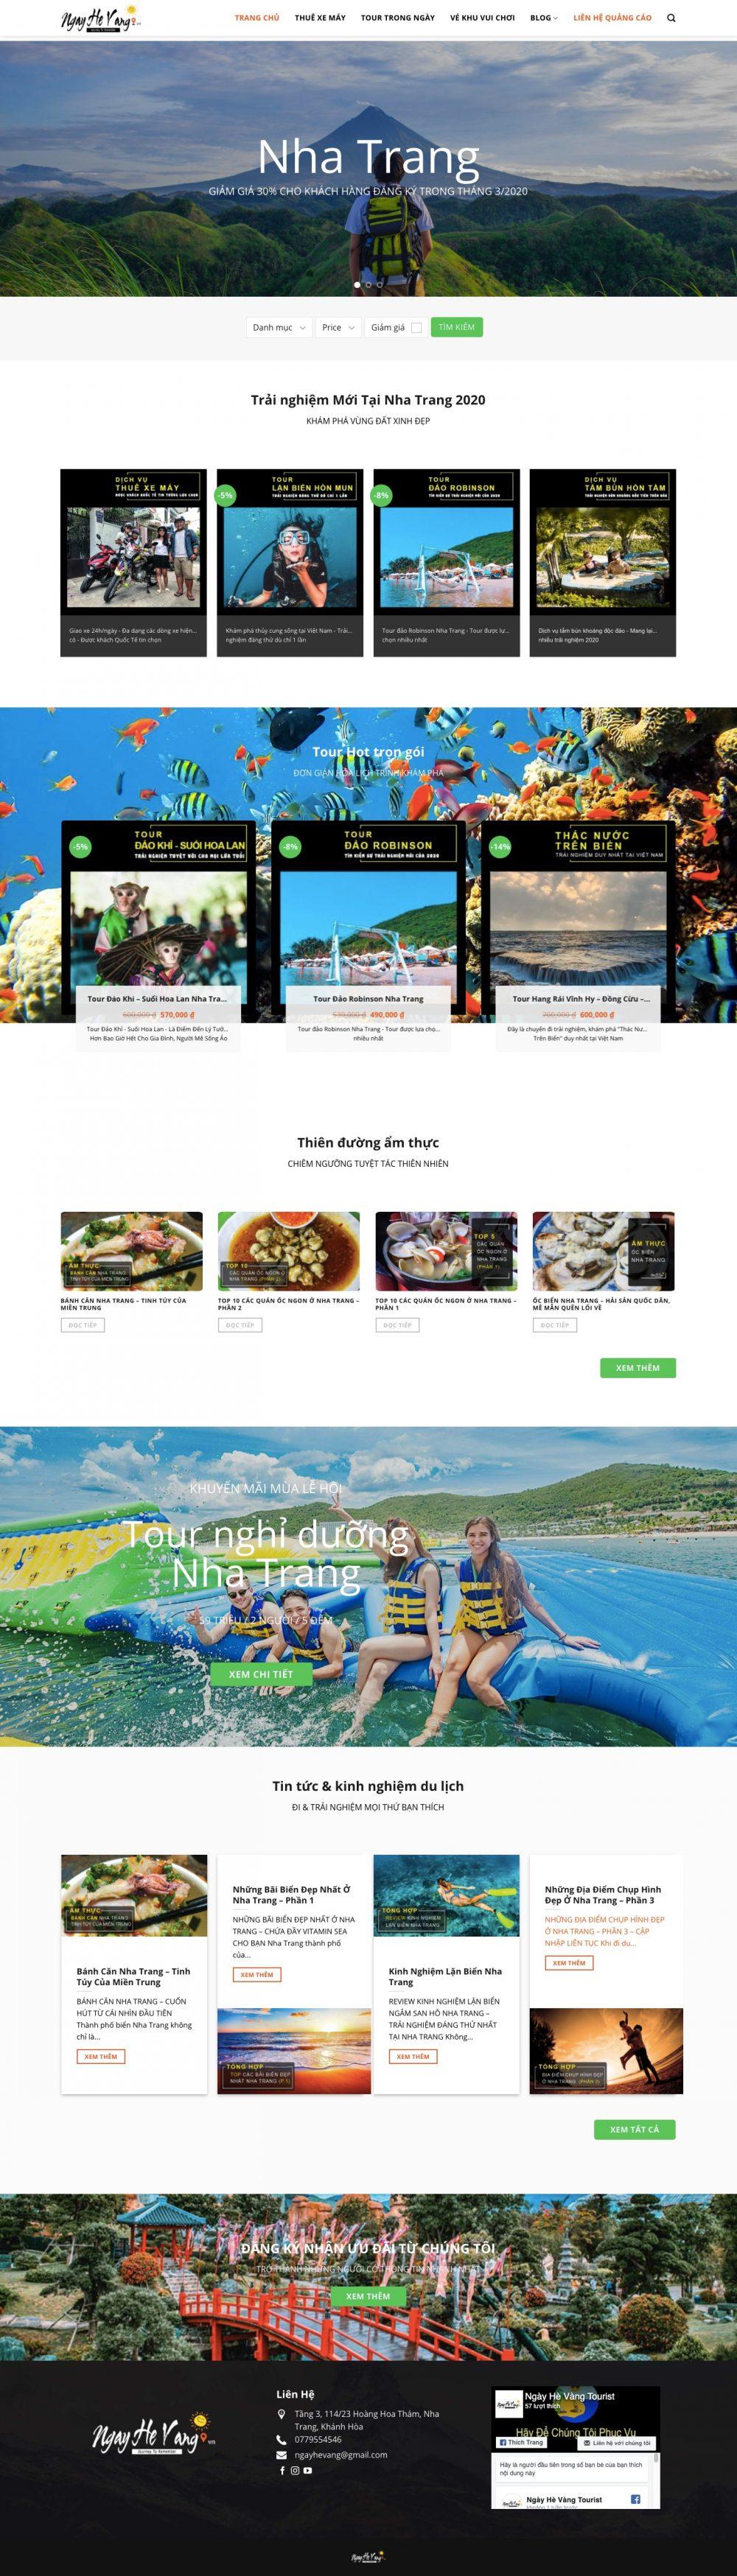 NGÀY HÈ VÀNG – Đại lý du lịch tại Nha Trang